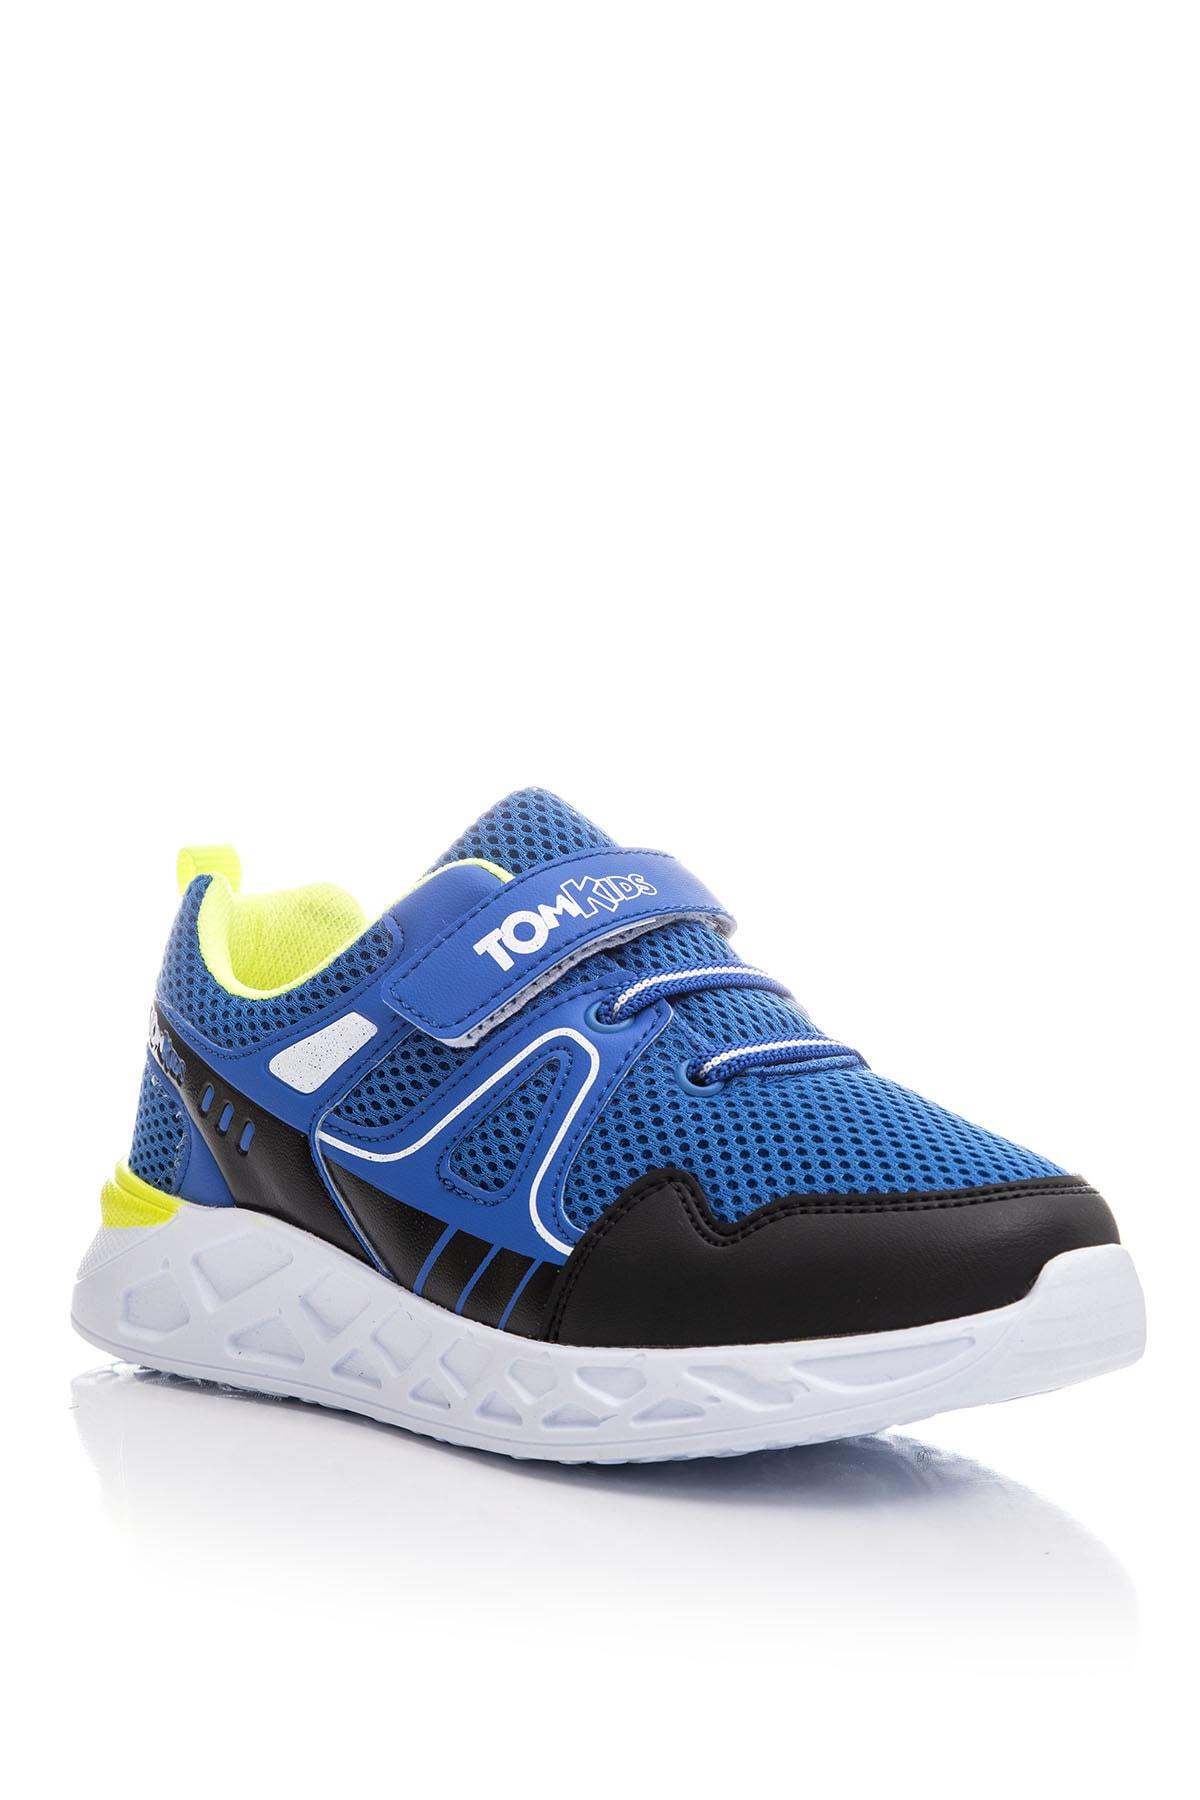 Tonny Black Erkek Çocuk Mavi Spor Ayakkabı TB3401-3 1